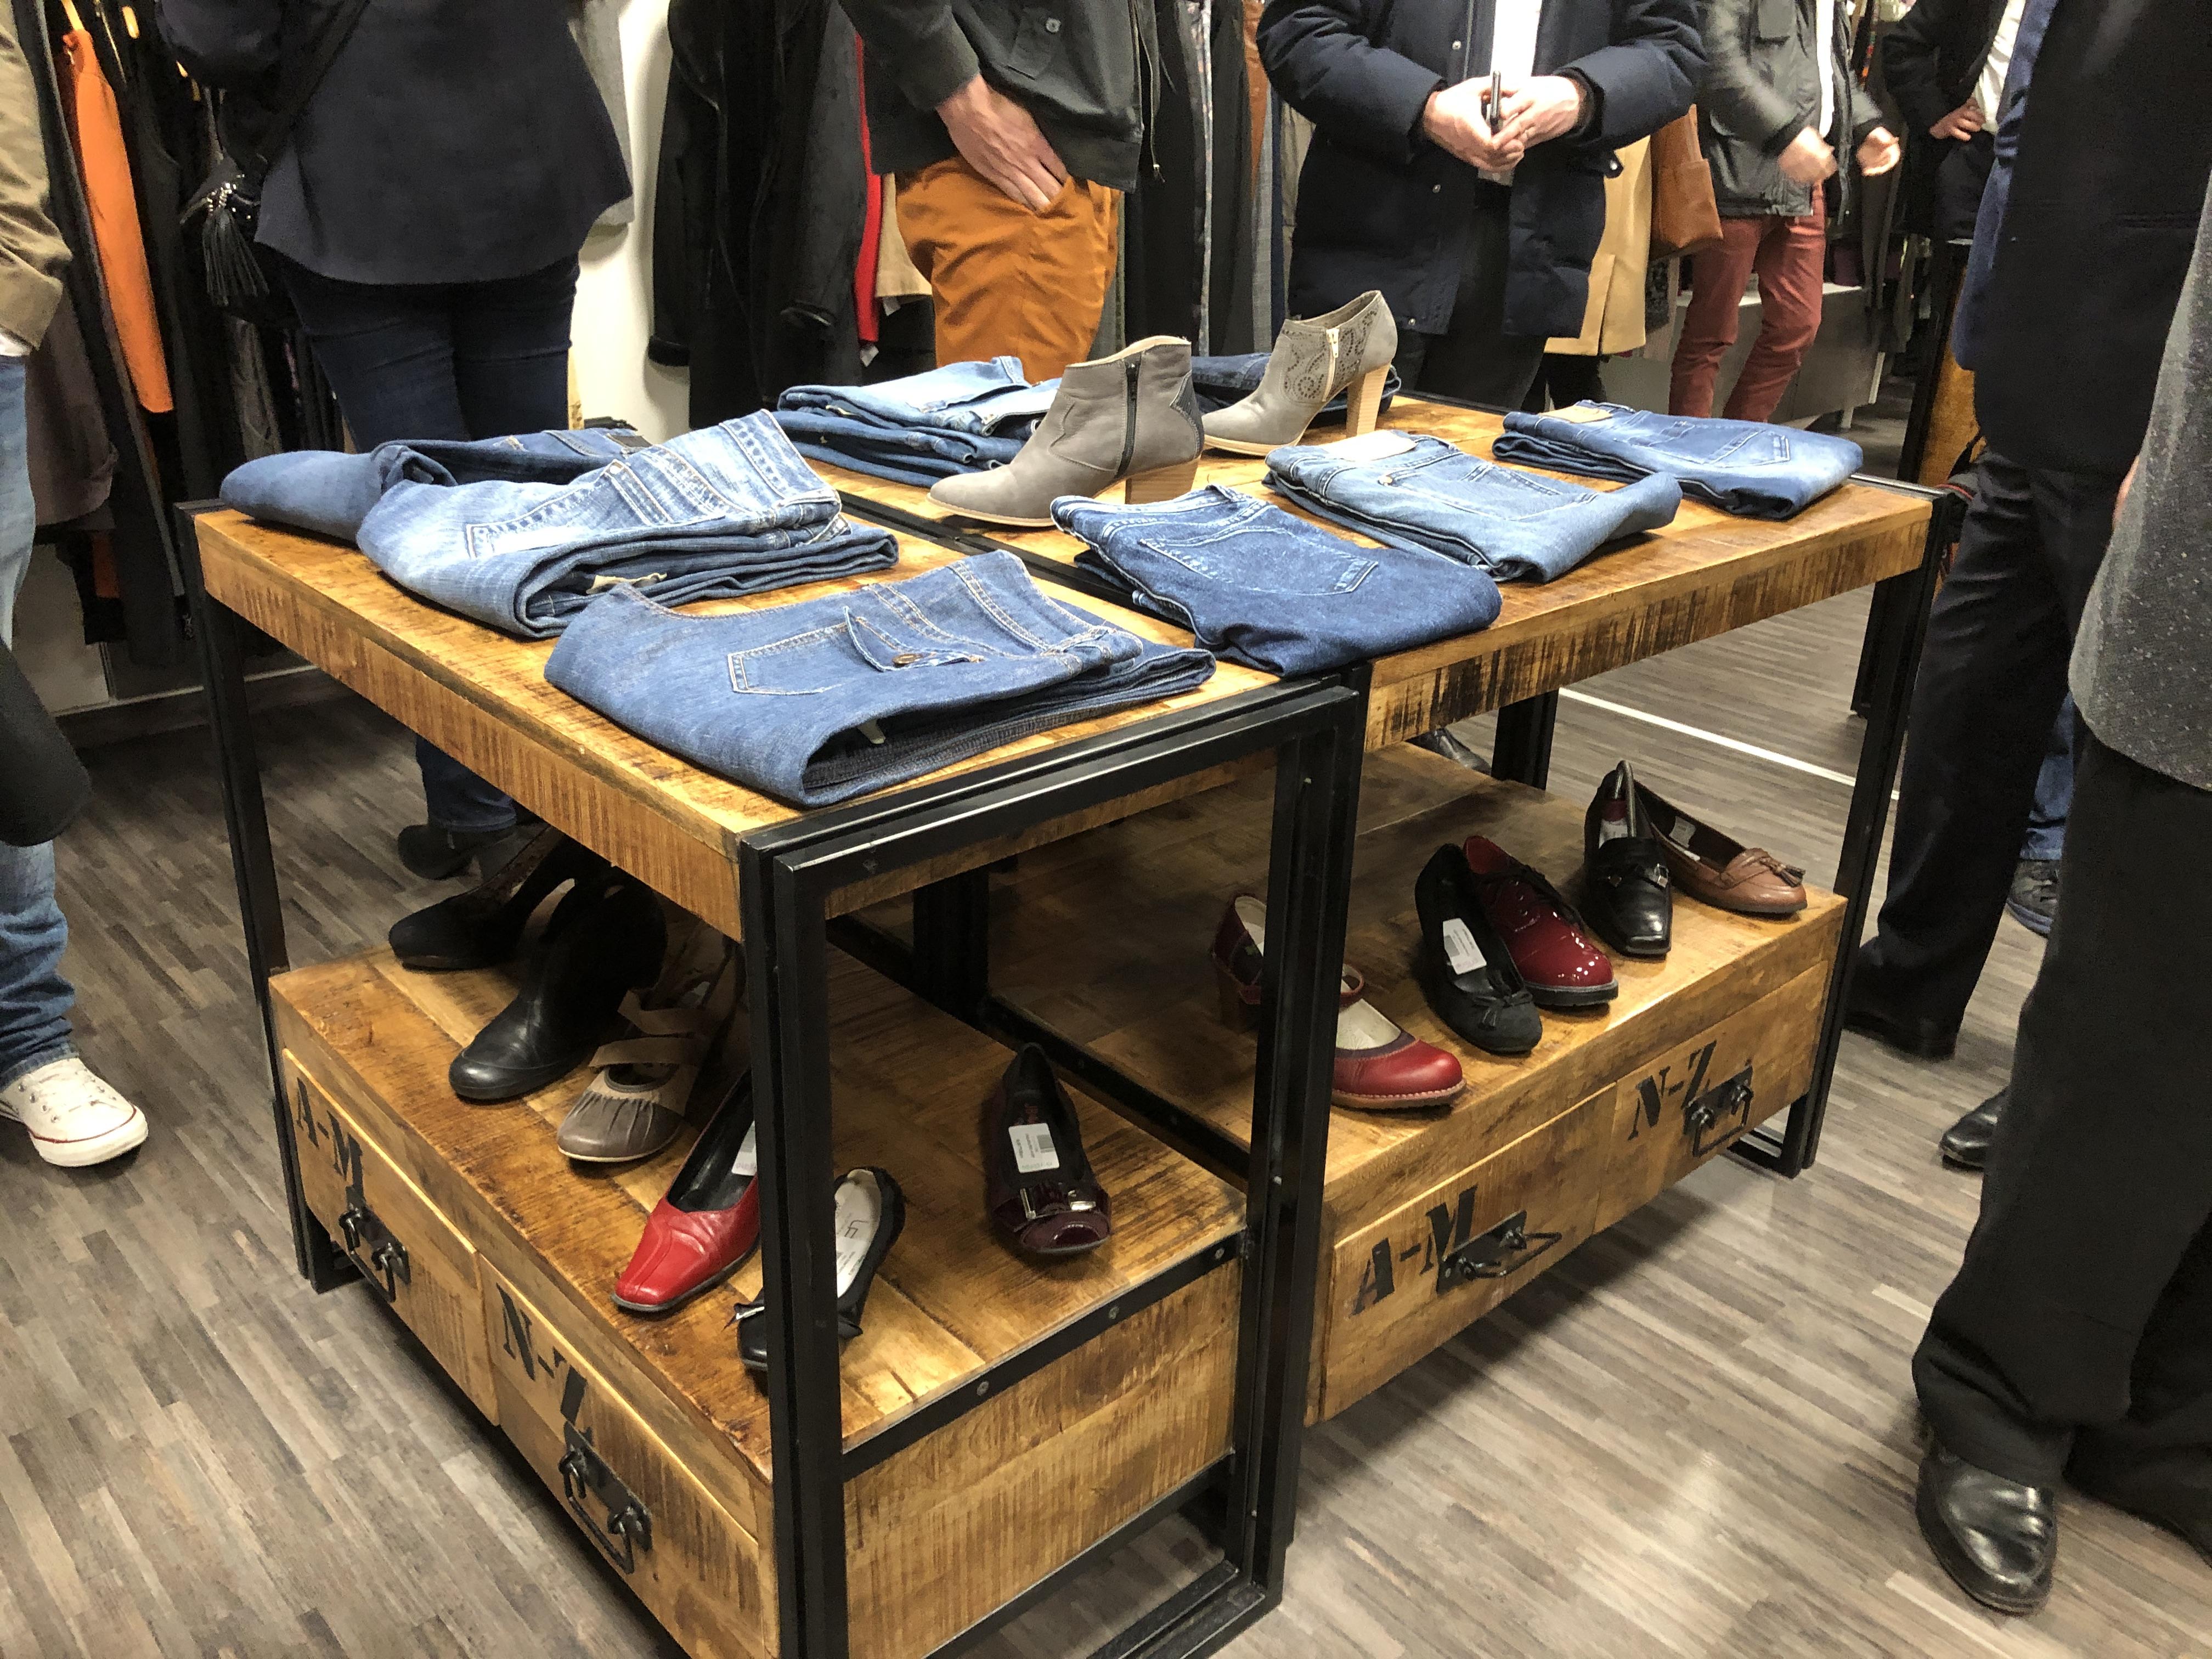 2019 03 08 inauguration de la boutique La Chiffo BIS à Hérouville Saint Clair (6)